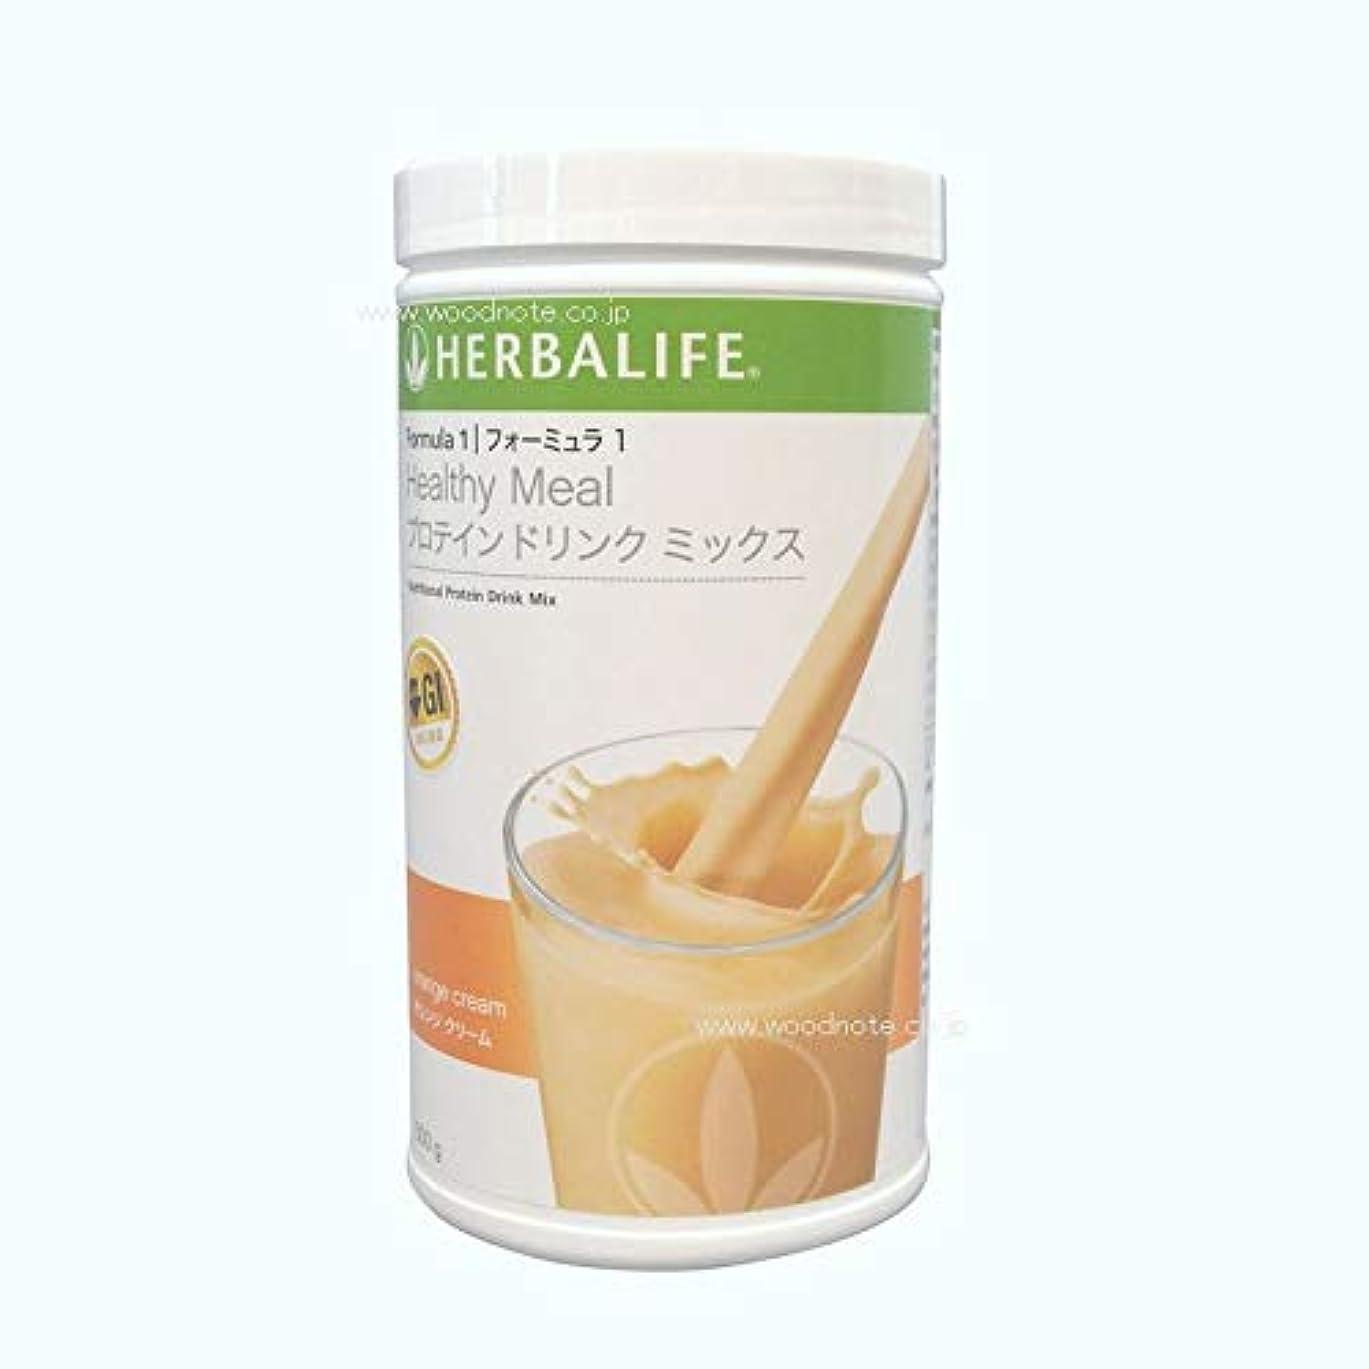 描写レポートを書く伝記ハーバライフ HERBALIFE フォーミュラ1プロテインドリンクミックス オレンジクリーム味